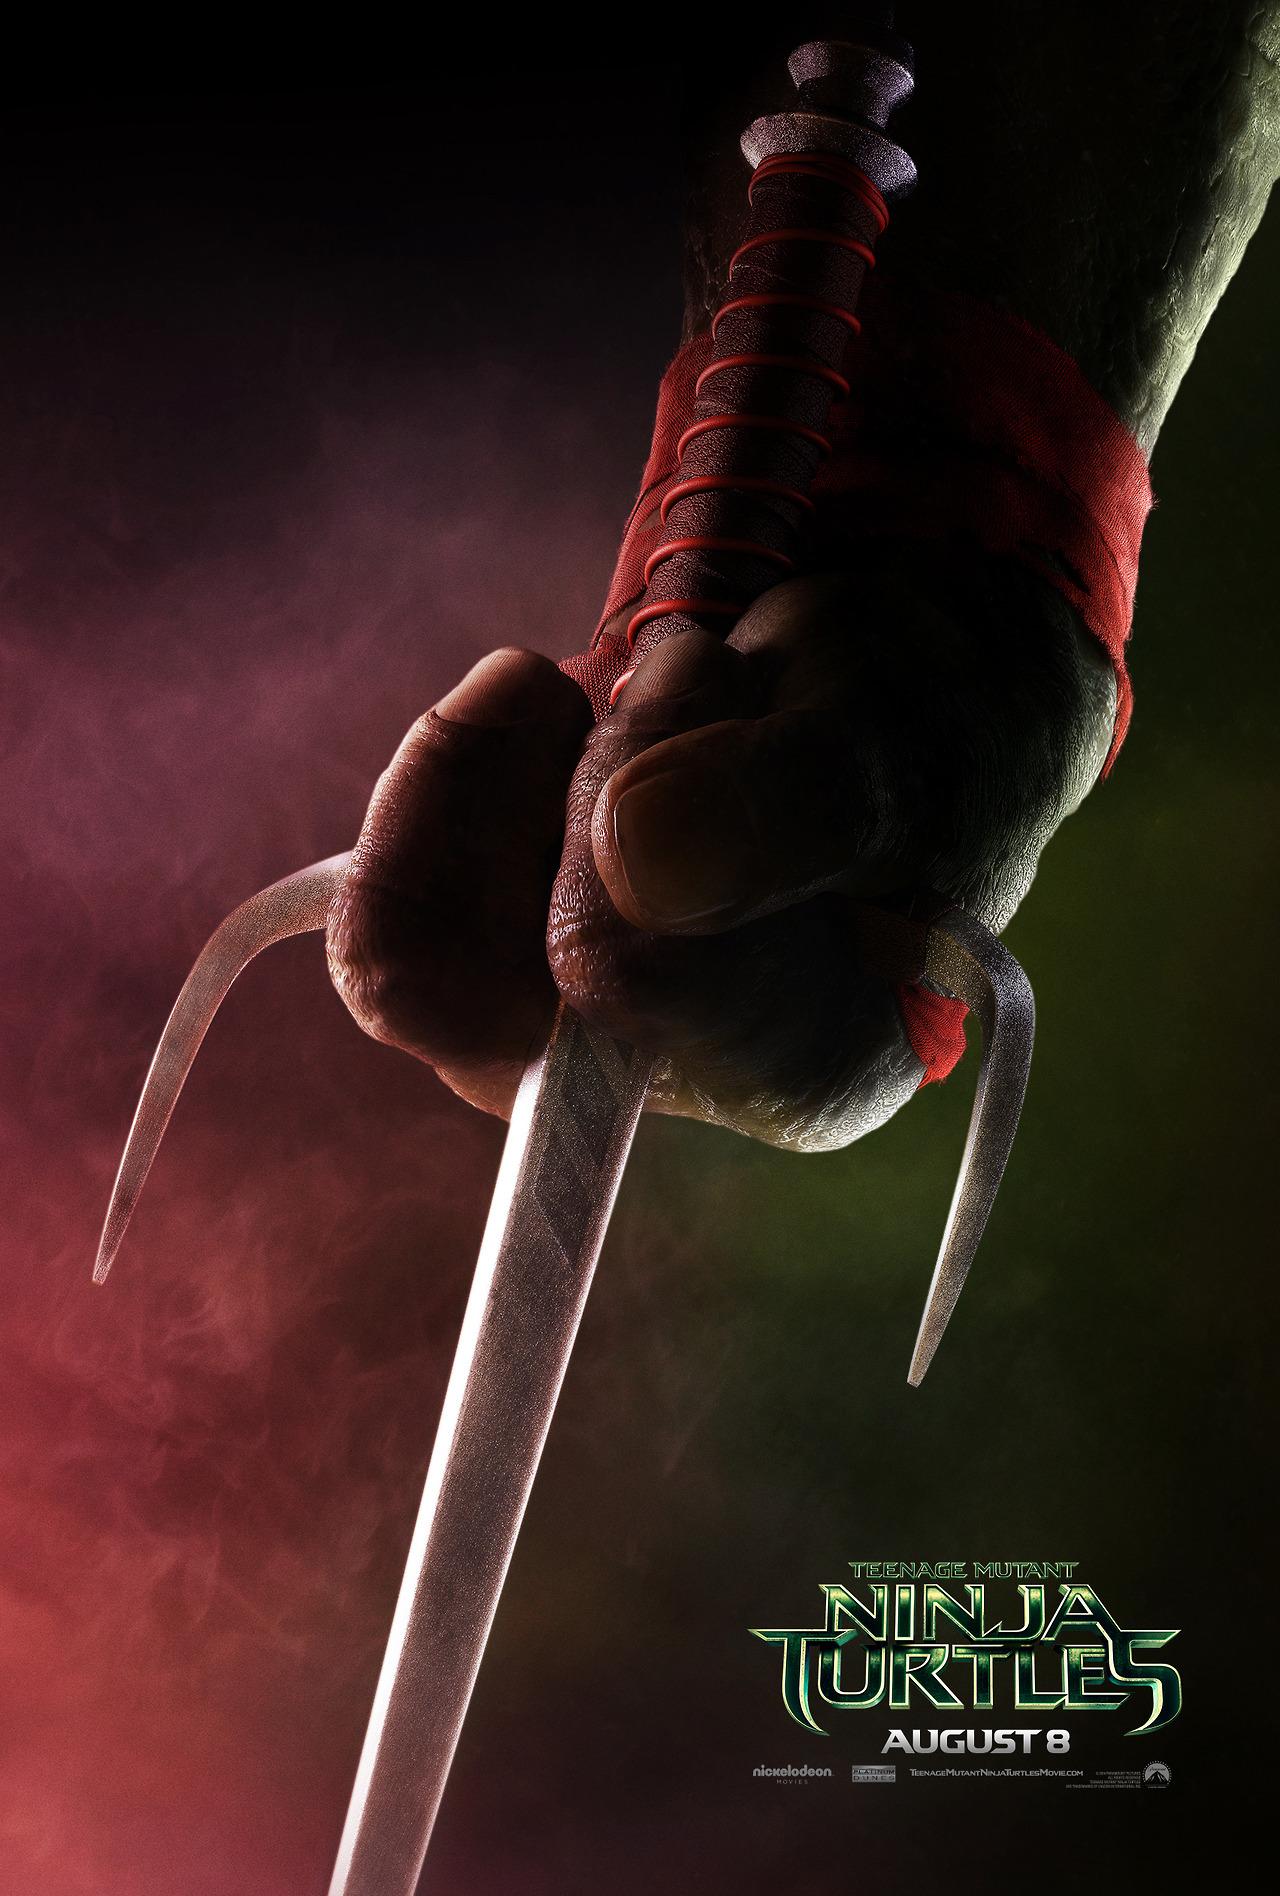 First Teenage Mutant Ninja Turtles Movie Posters Revealed